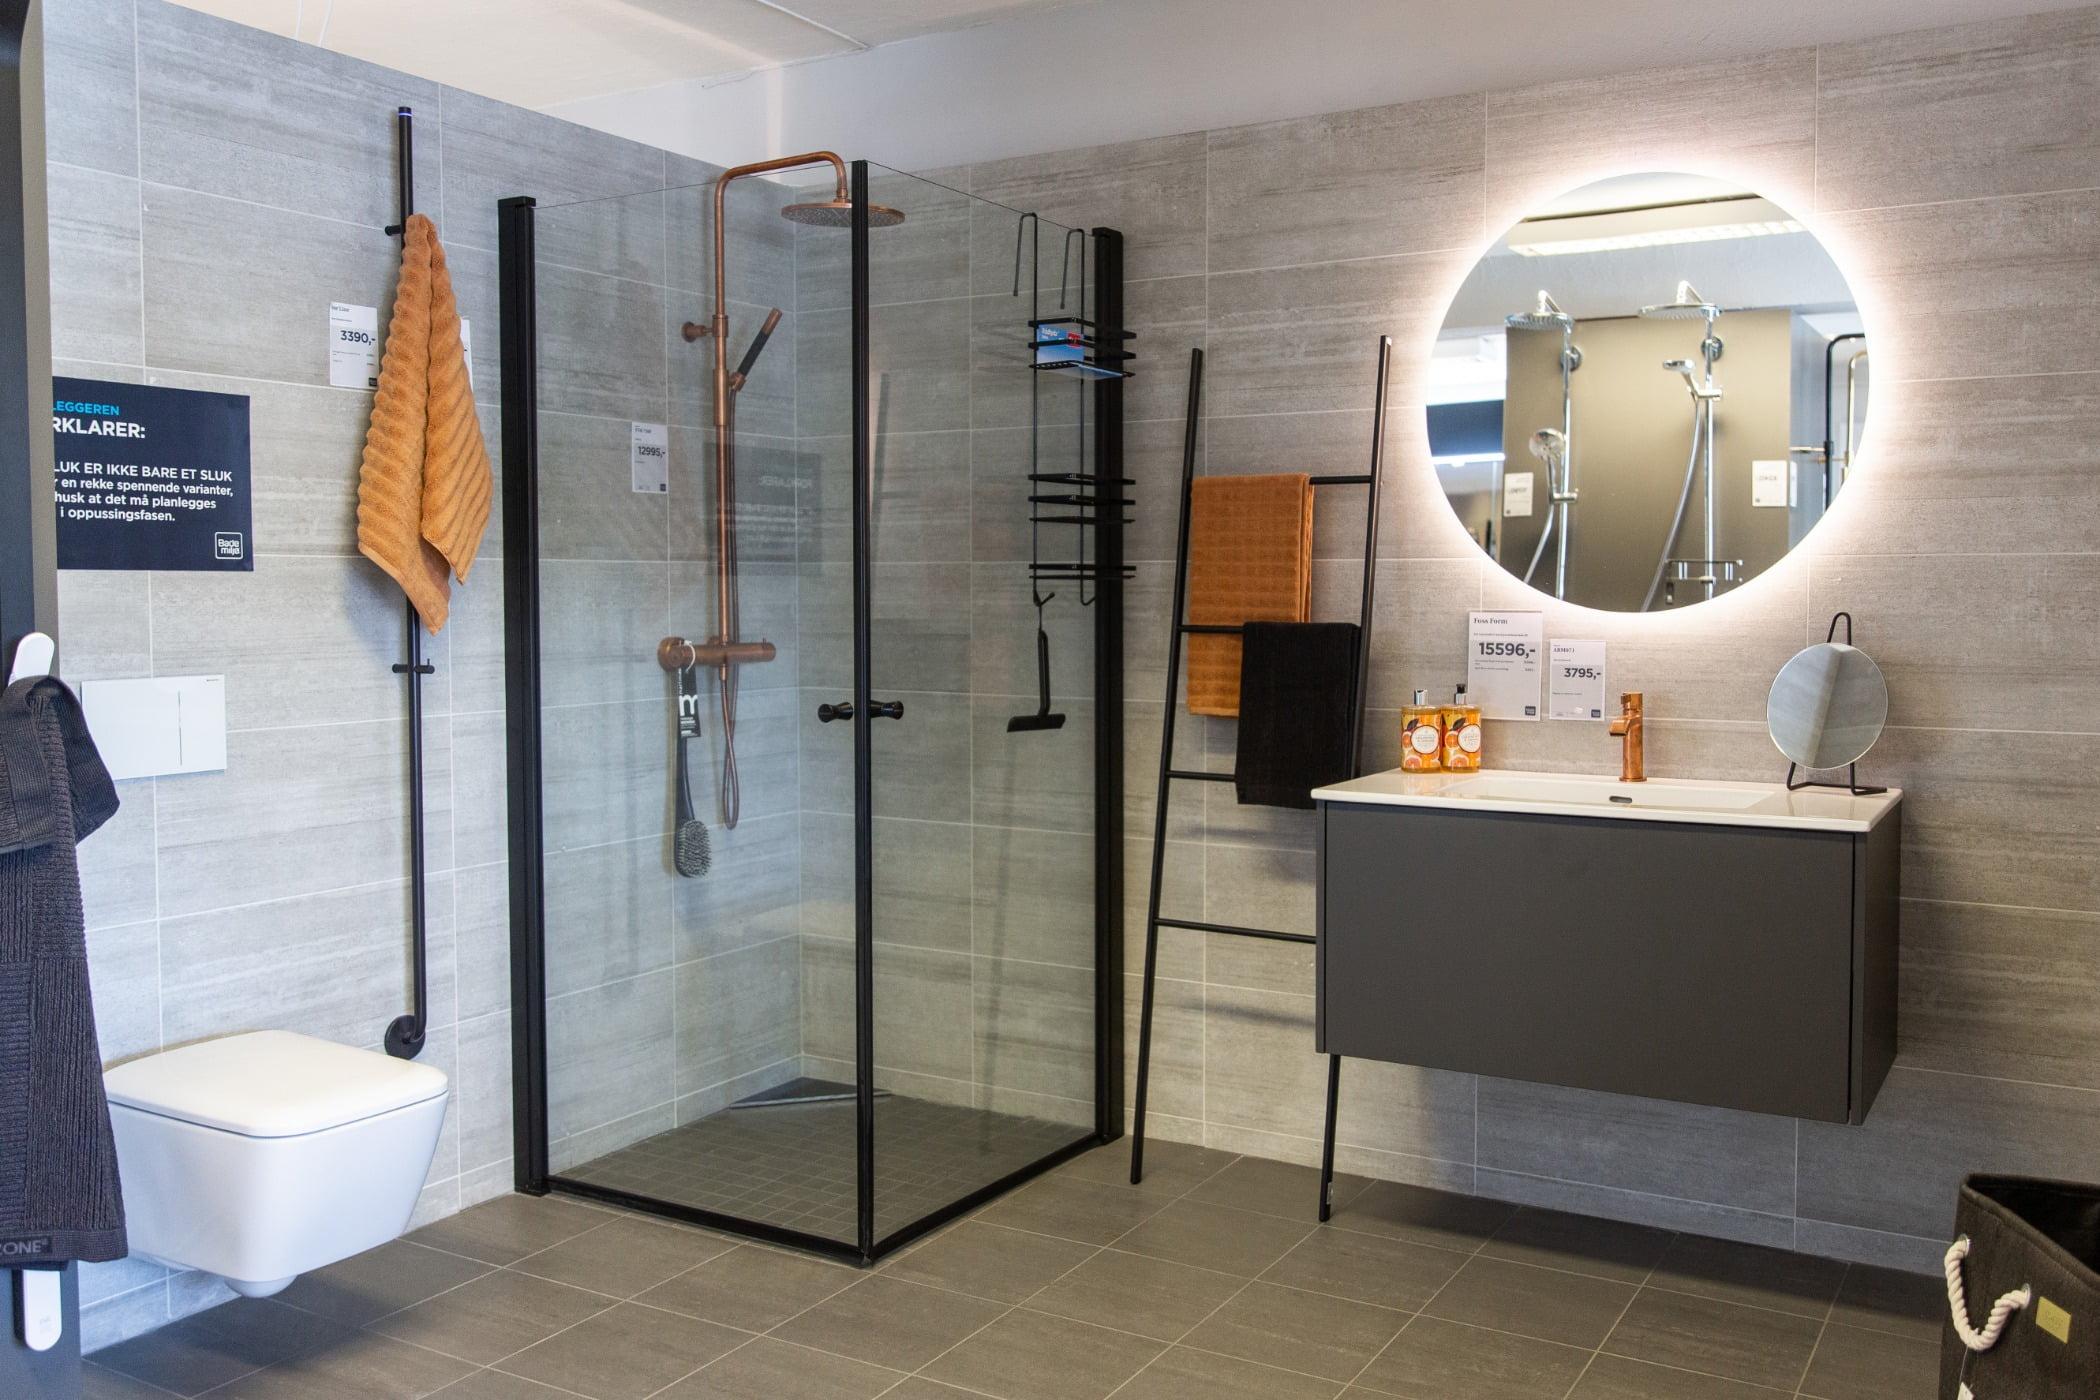 Plumbing fixture, Shower head, Interior design, Mirror, Property, Building, Tap, Sink, Bathroom